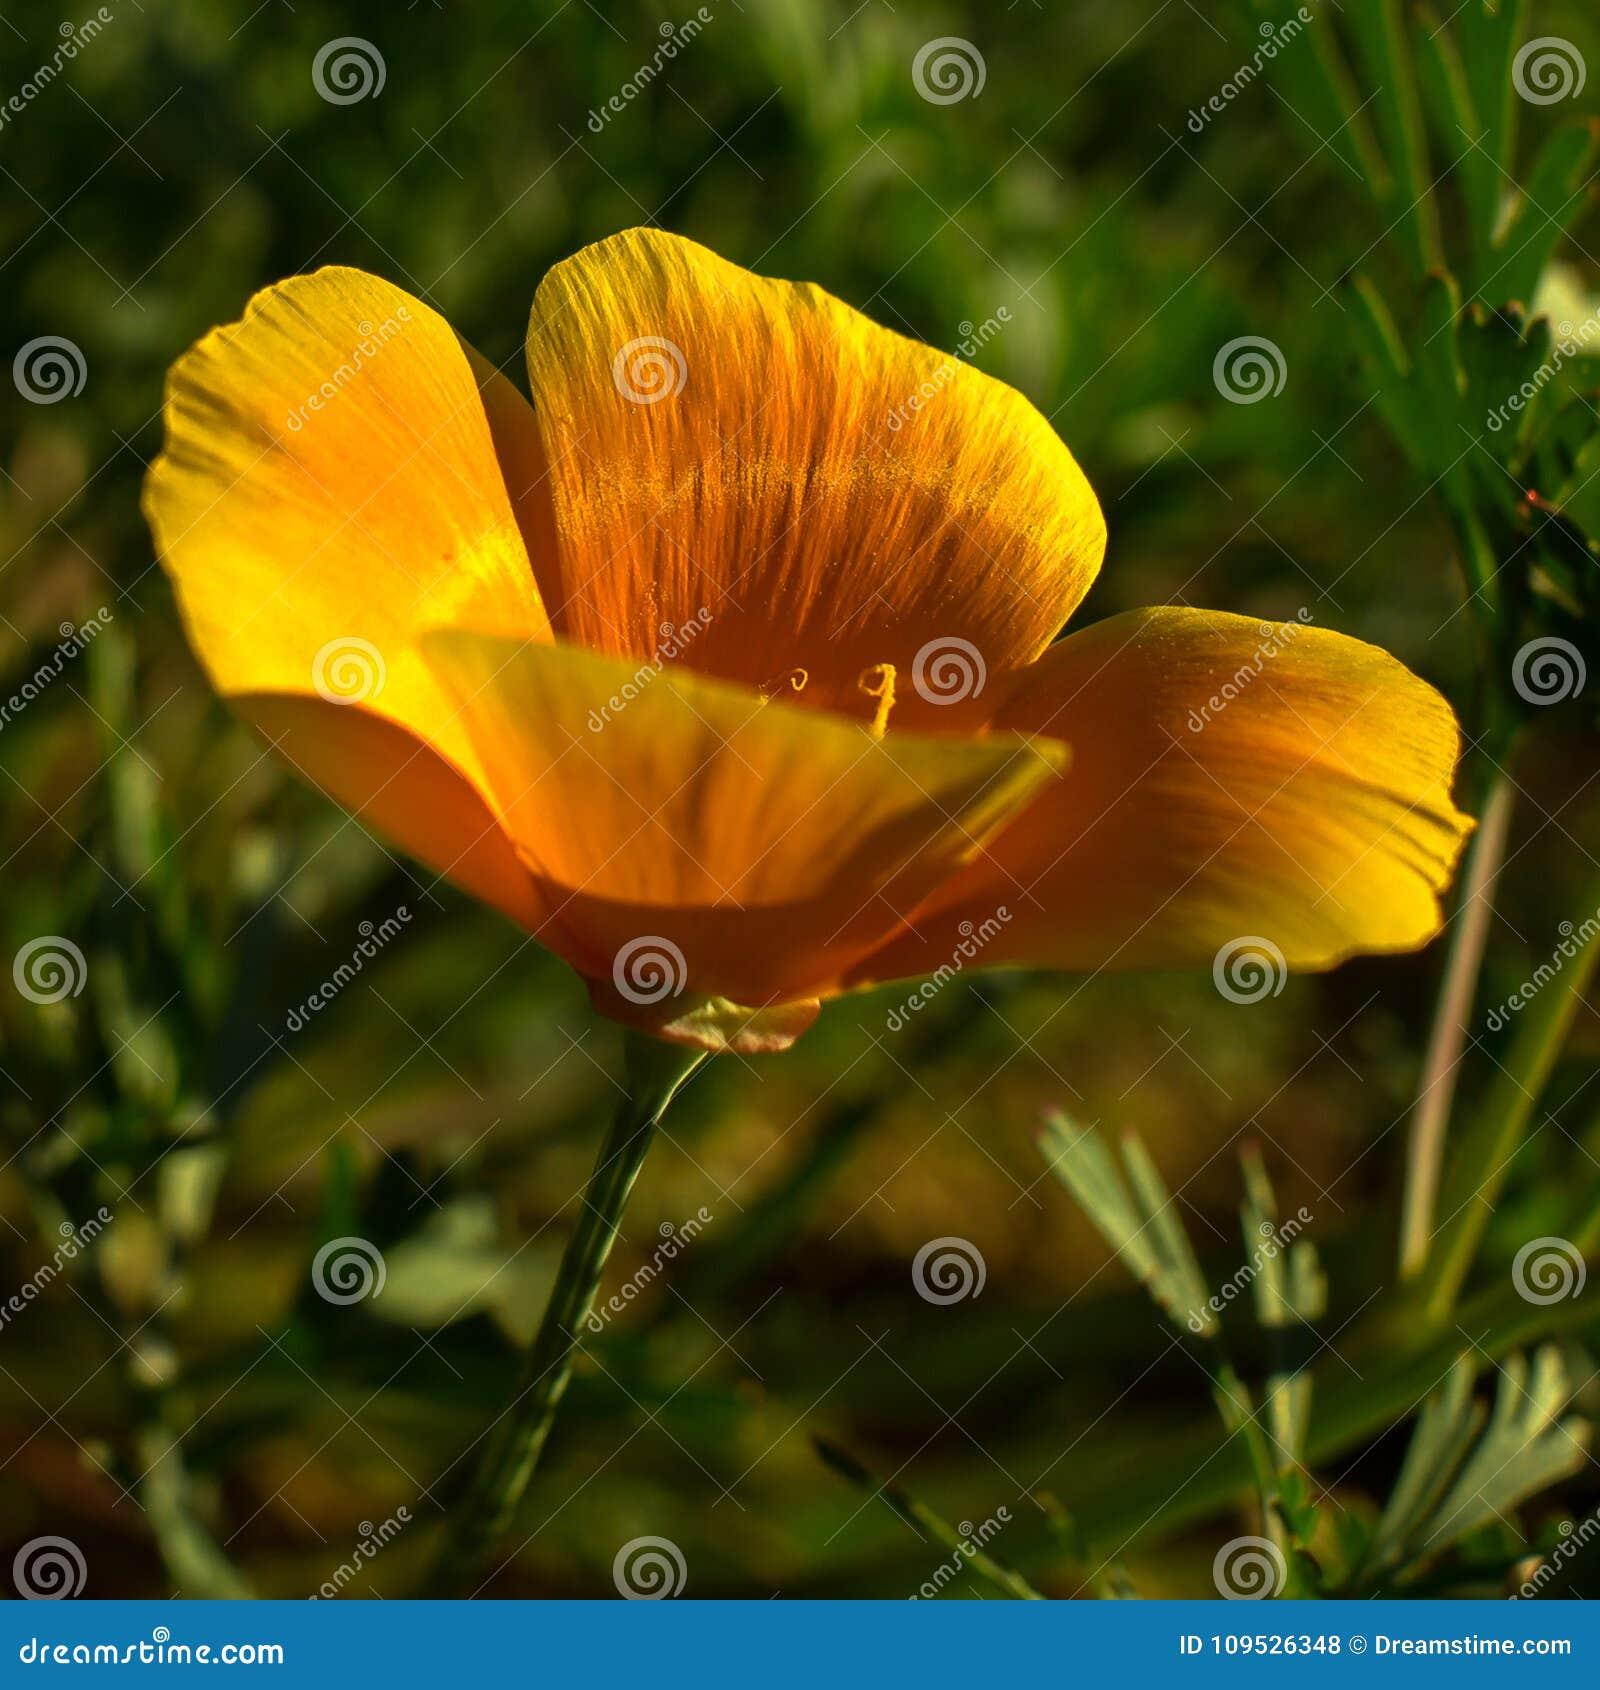 Beautiful Orange California Poppy Flower Blooming In A Green Field